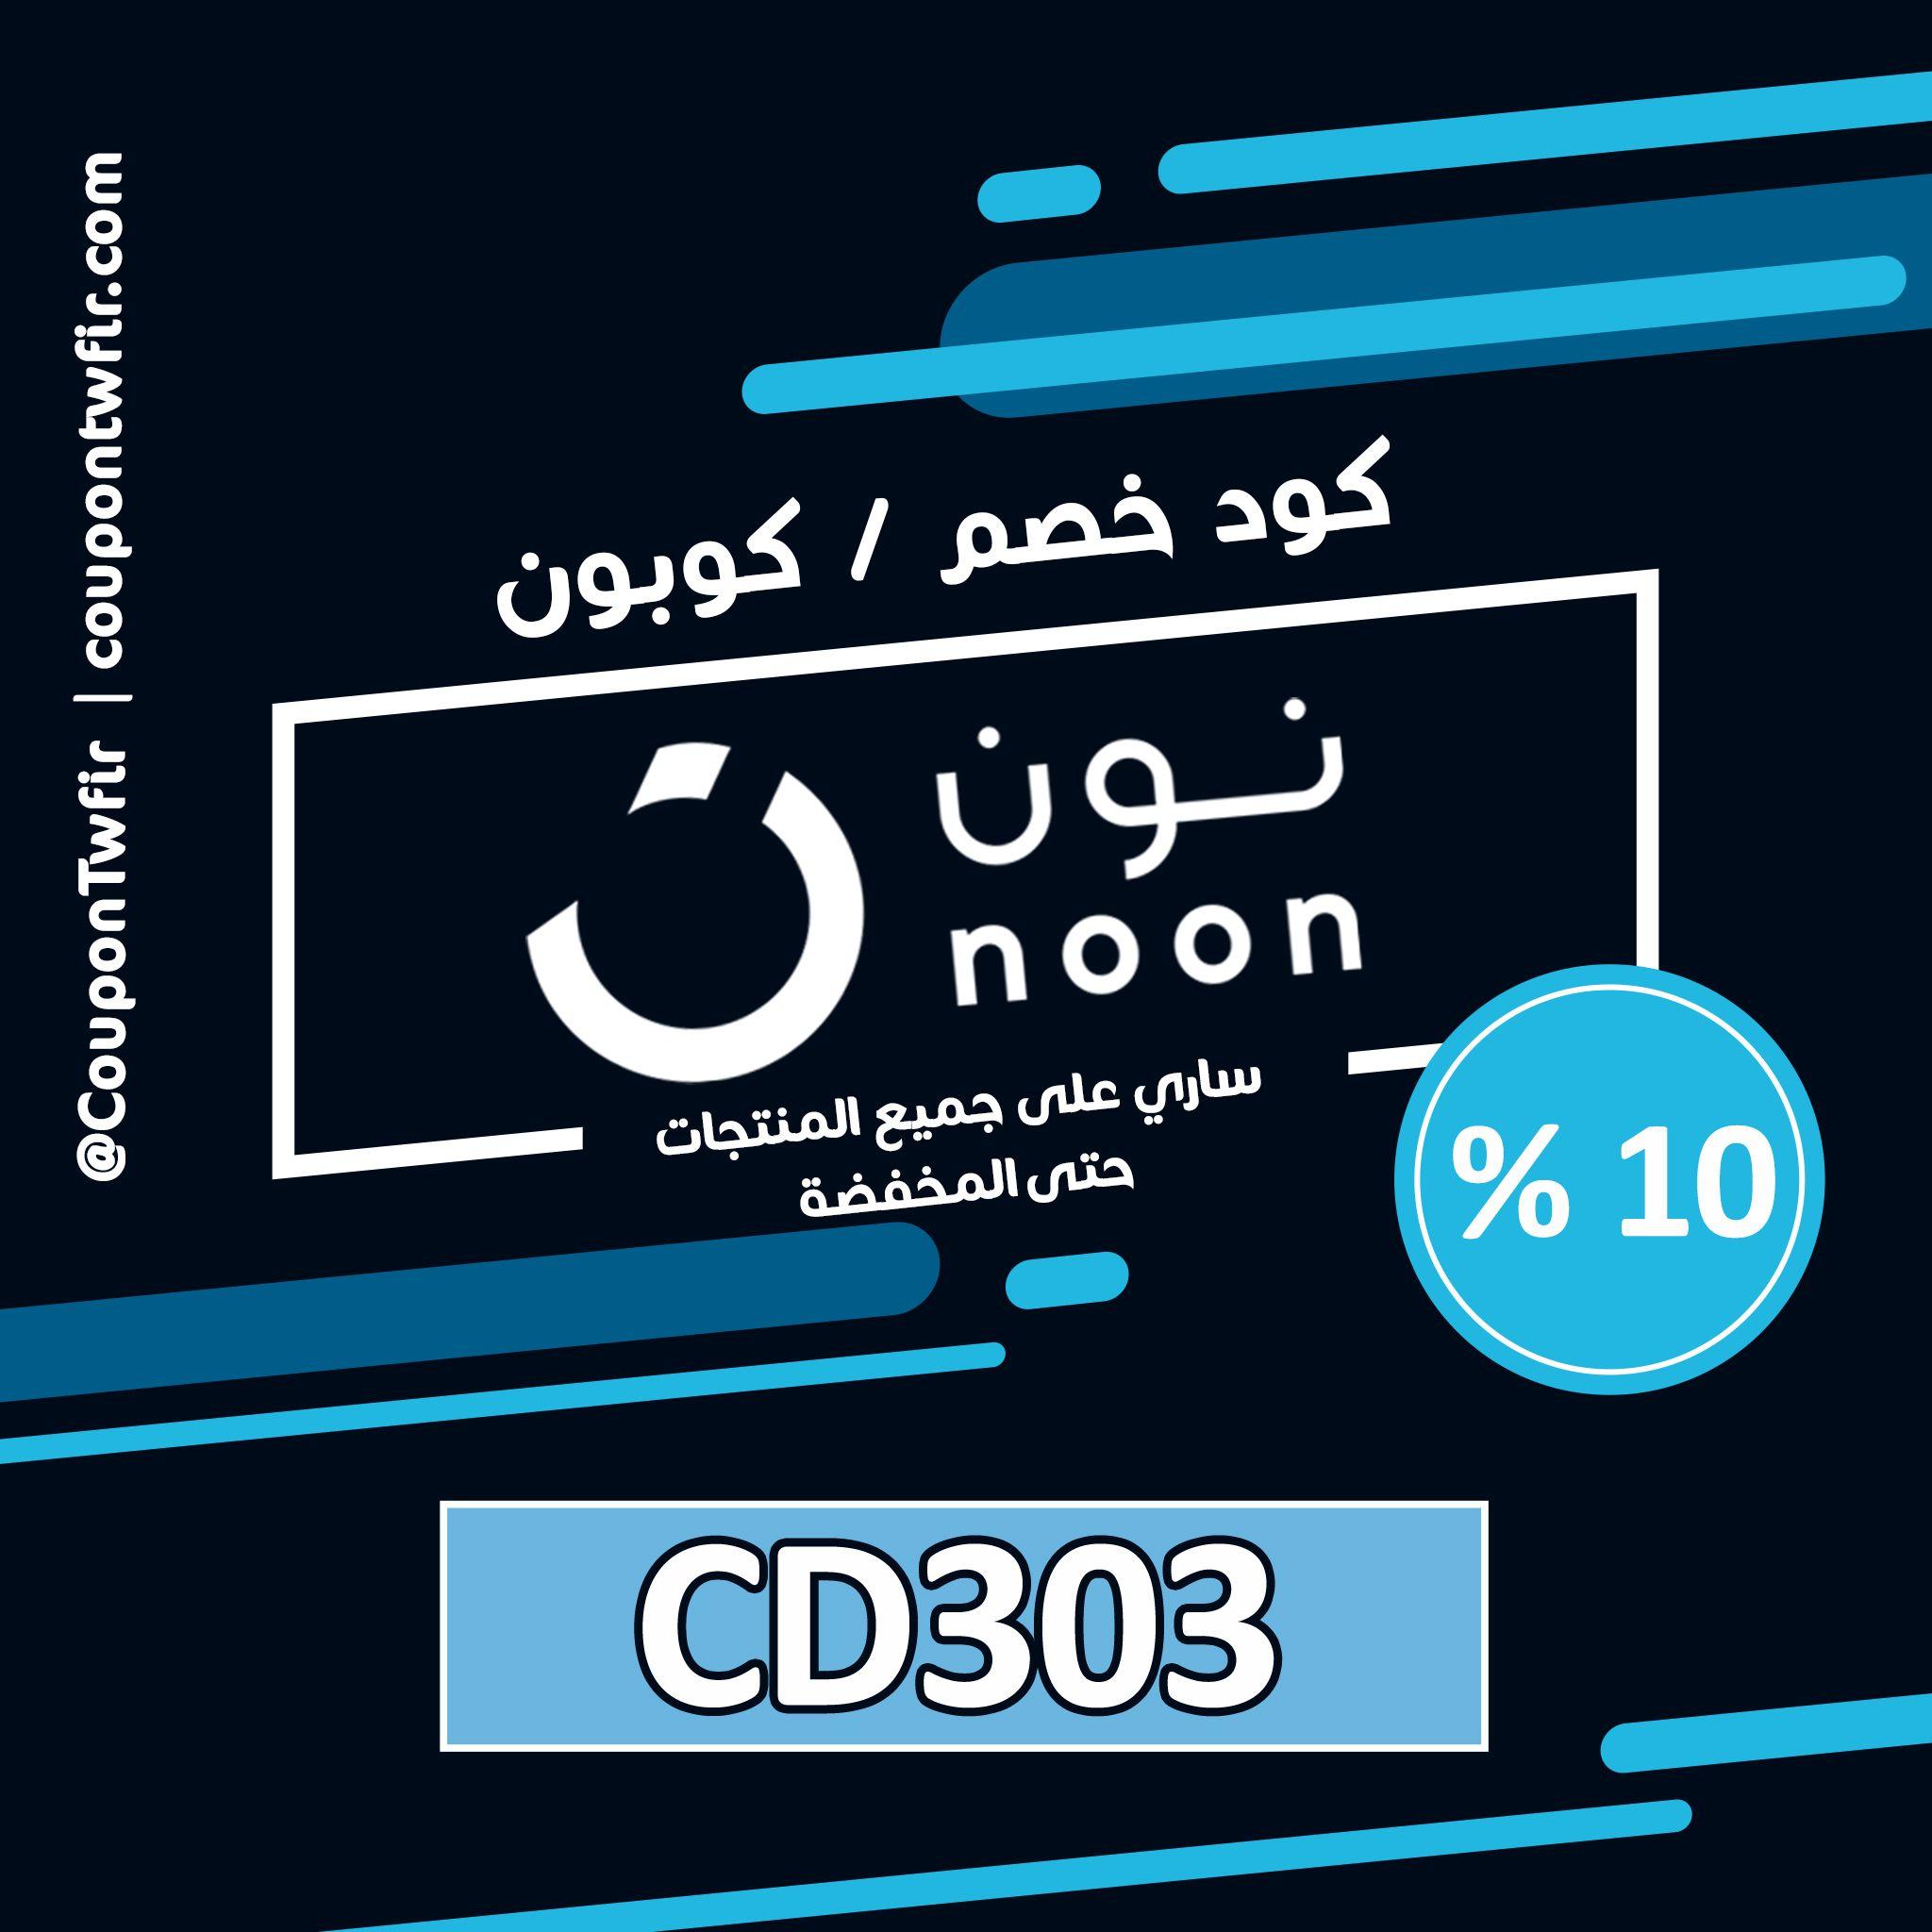 كوبون خصم نون مصر 2020